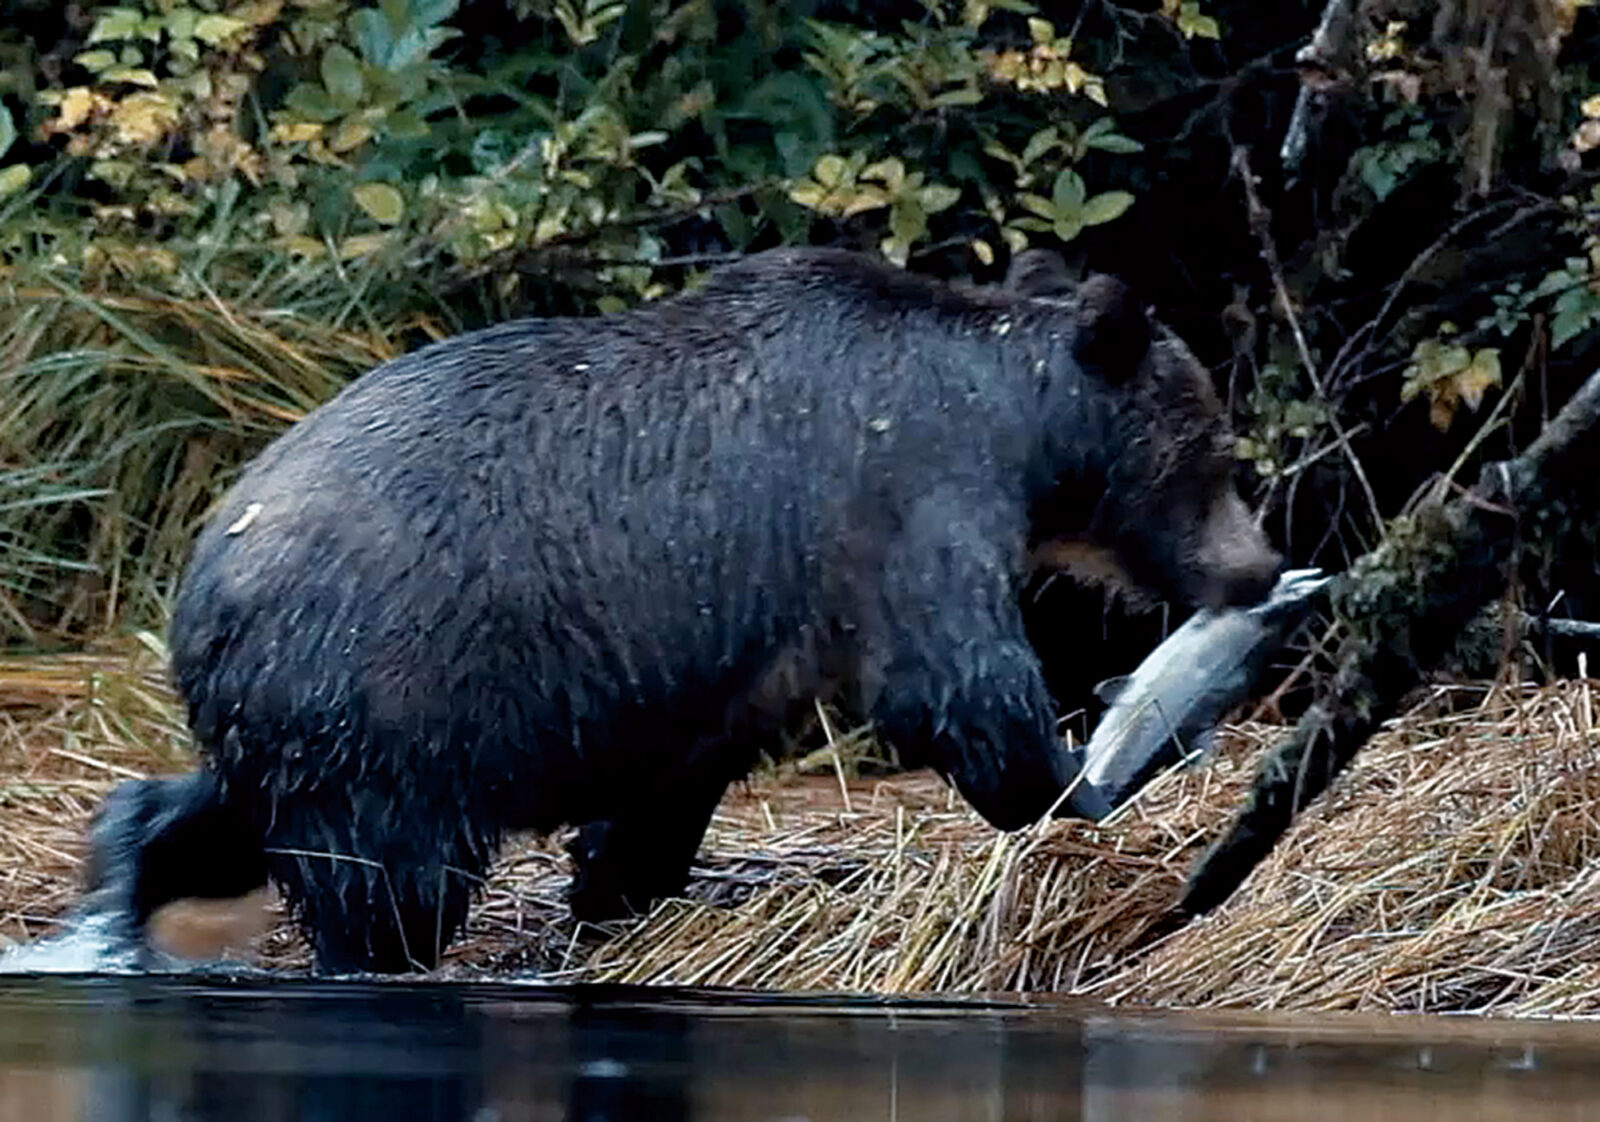 適正なサーモンの捕獲は野生動物の命や、豊かな森を守ることにつながっていく。